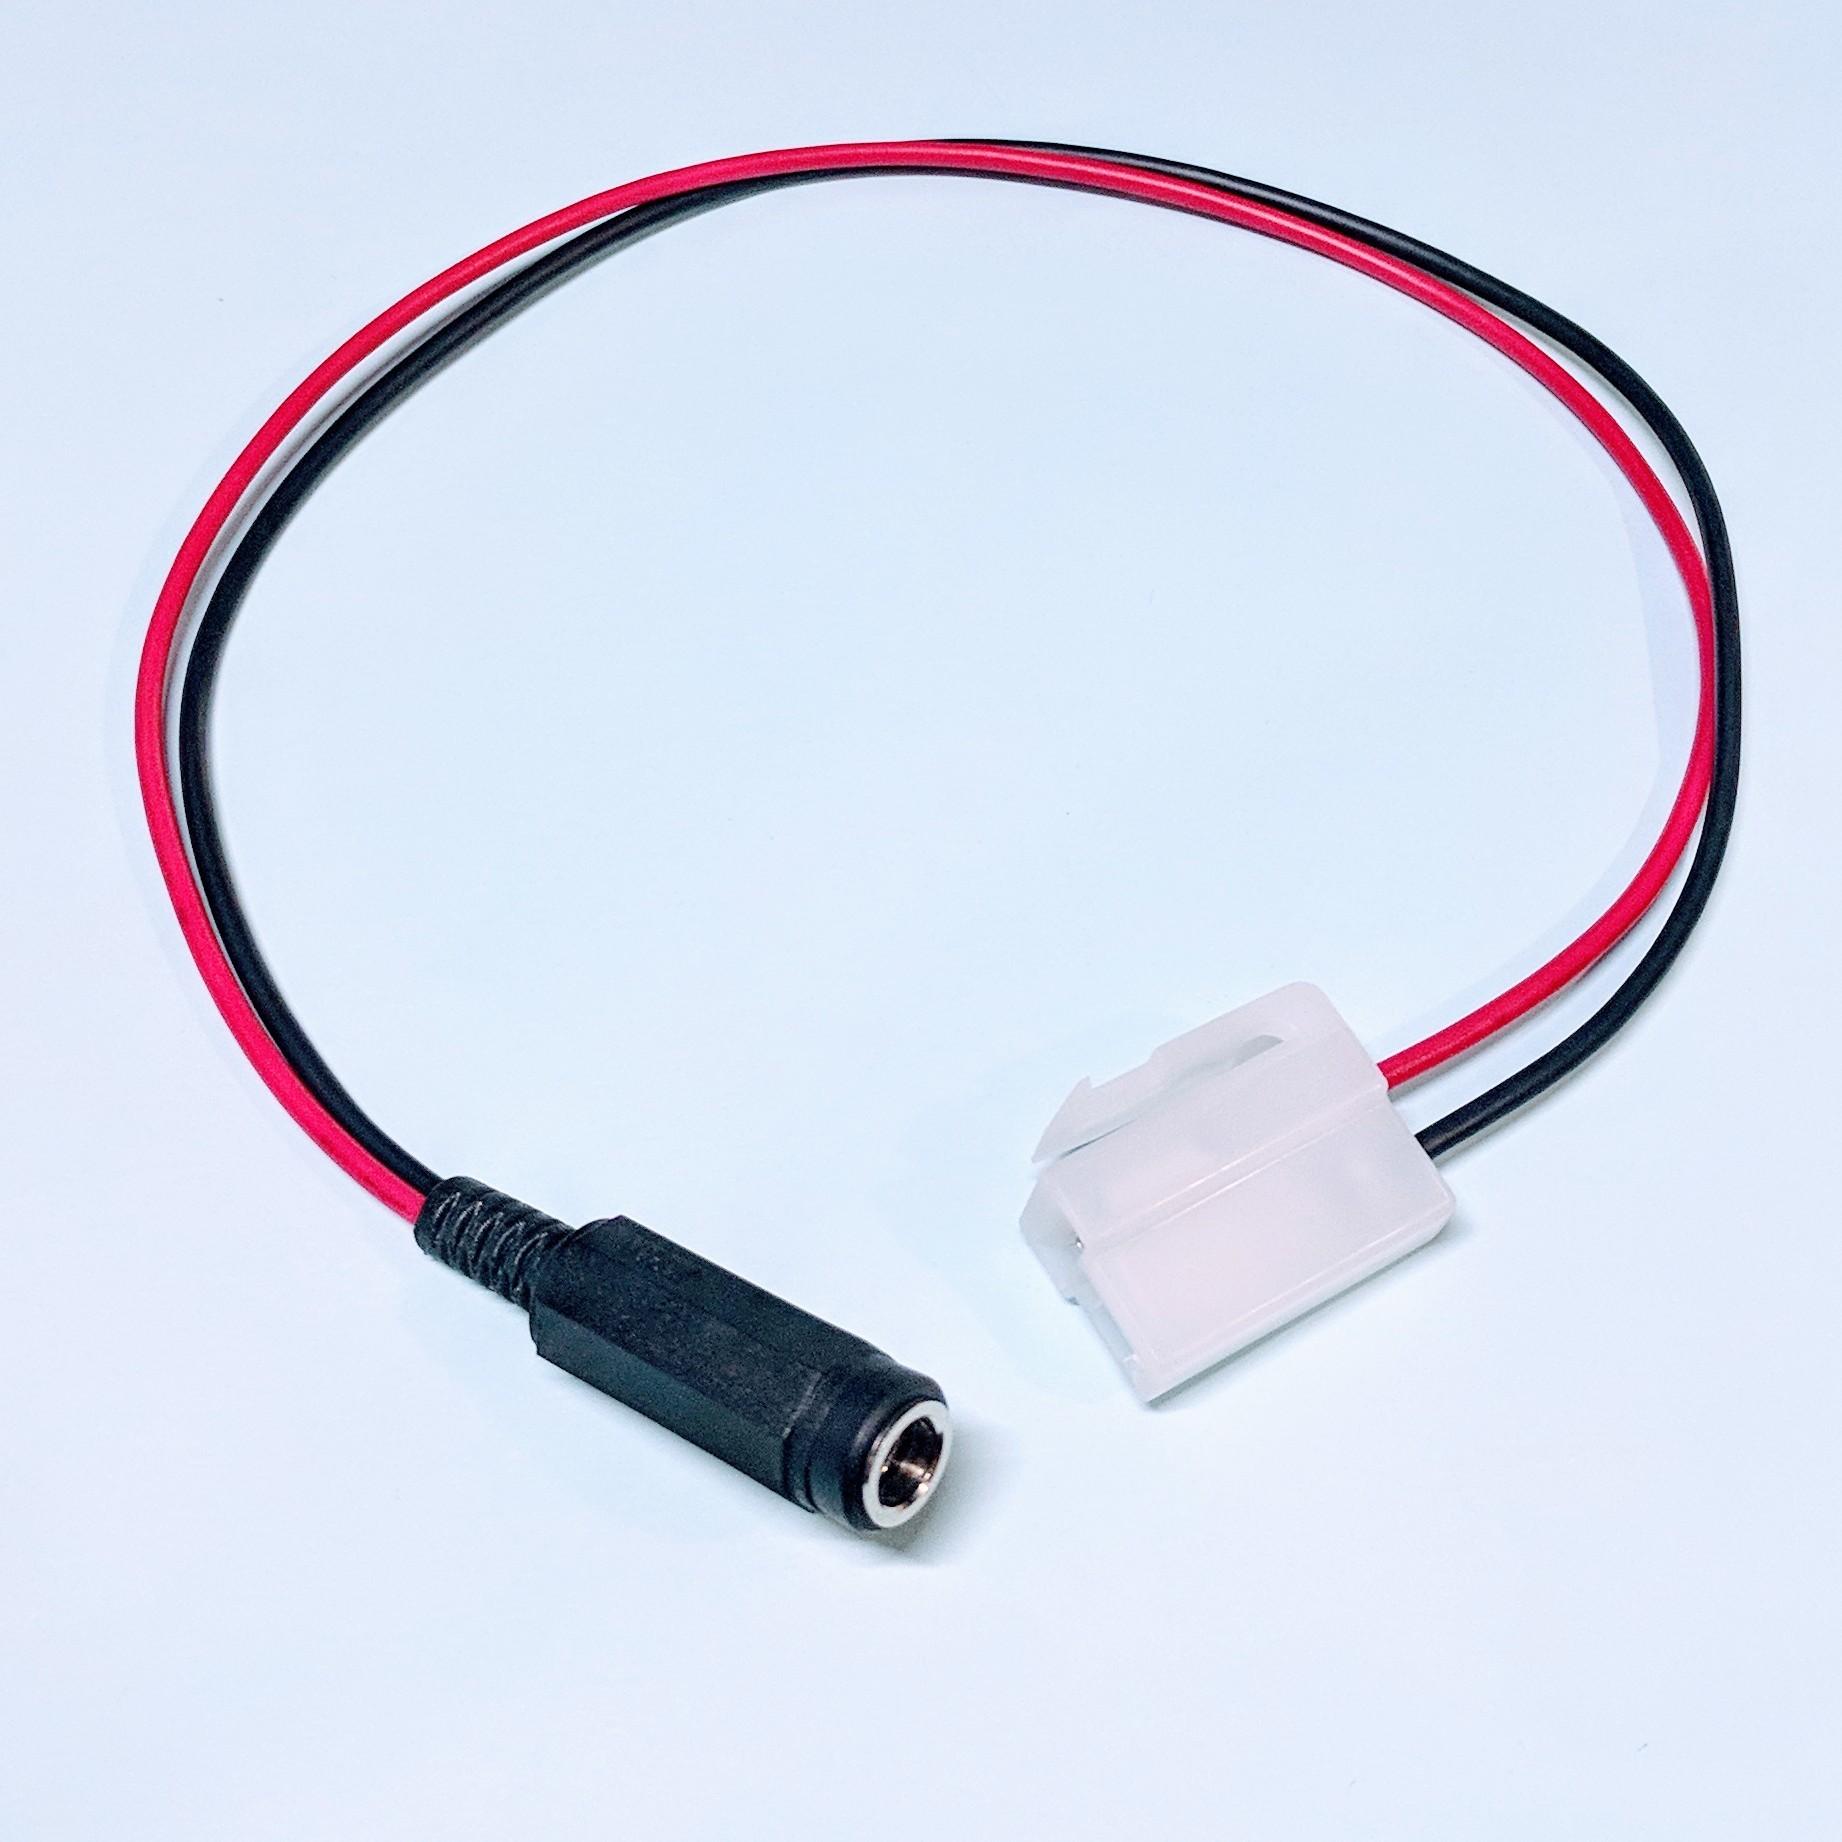 電源変換ケーブル 2.1mm標準ジャック→250型2極カプラ